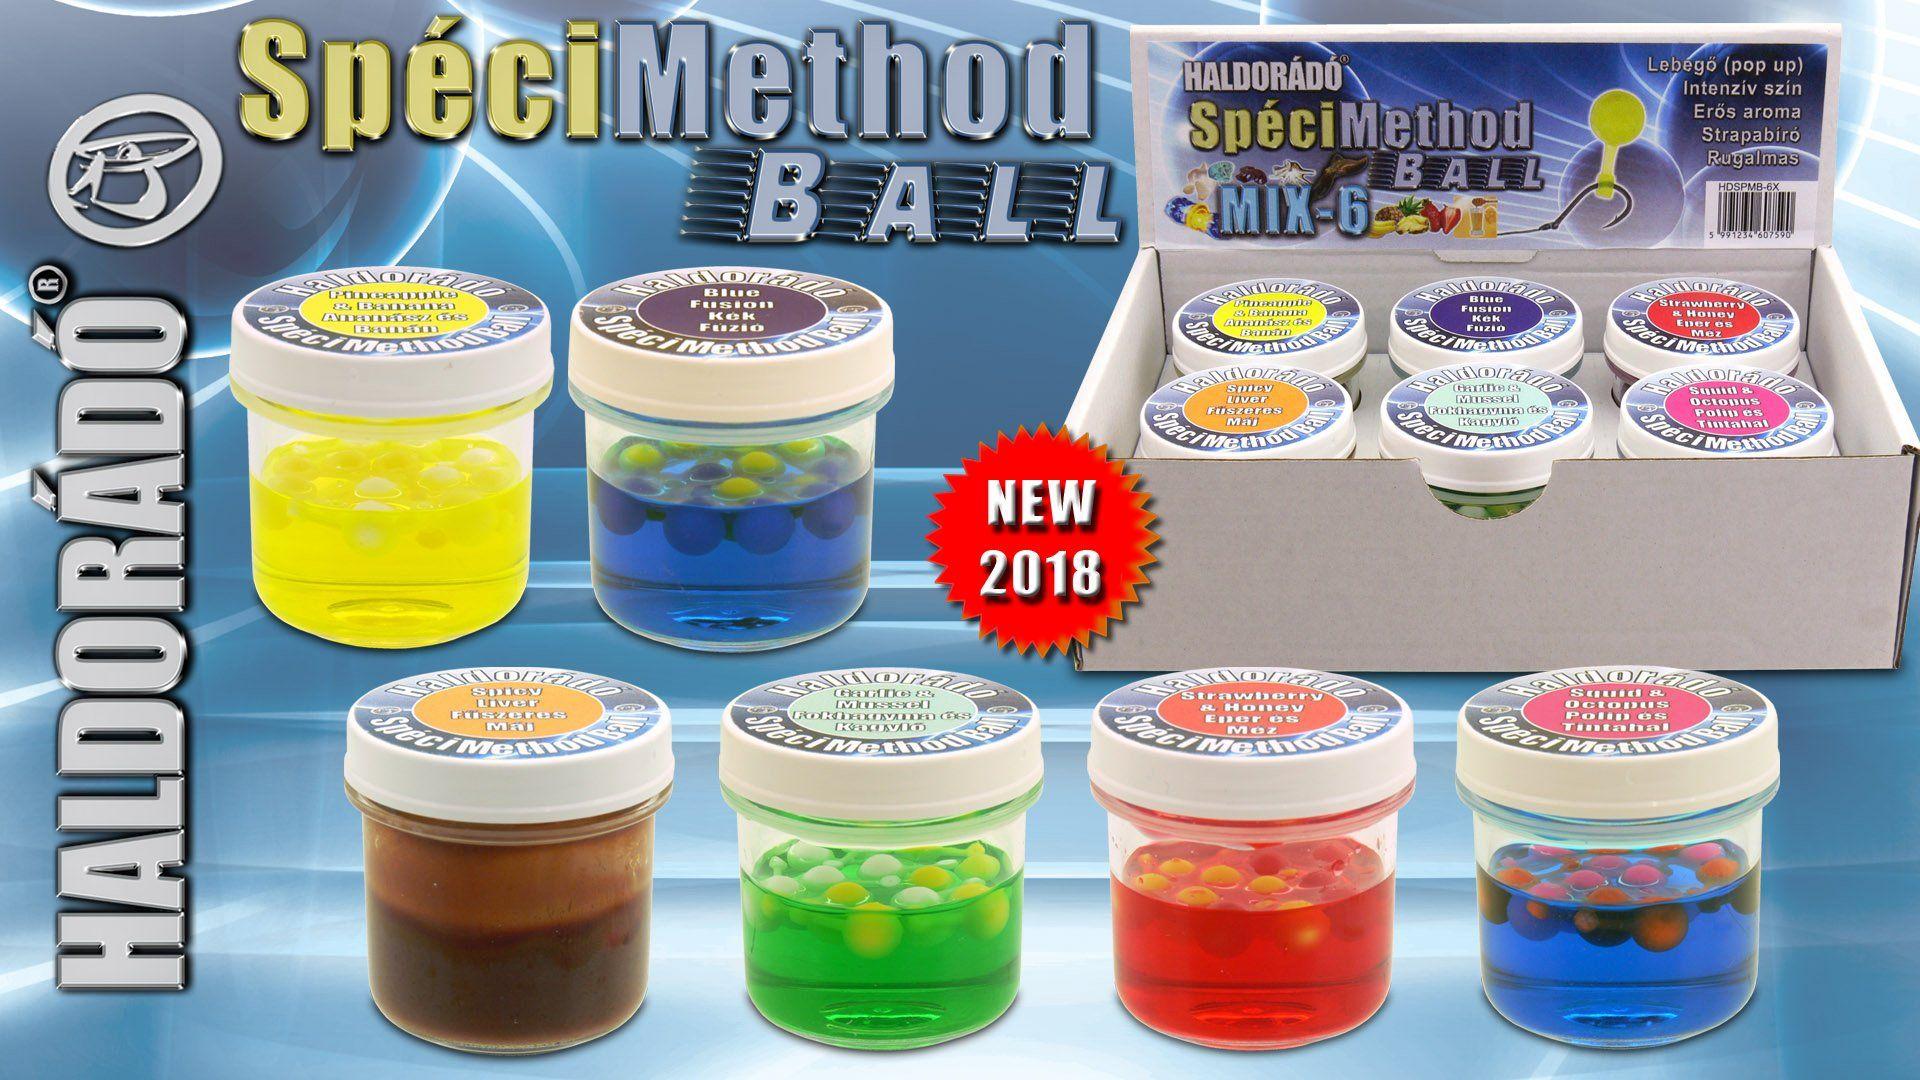 SpéciMethod Ball a világ talán egyik legegyszerűbben használható method csalija!